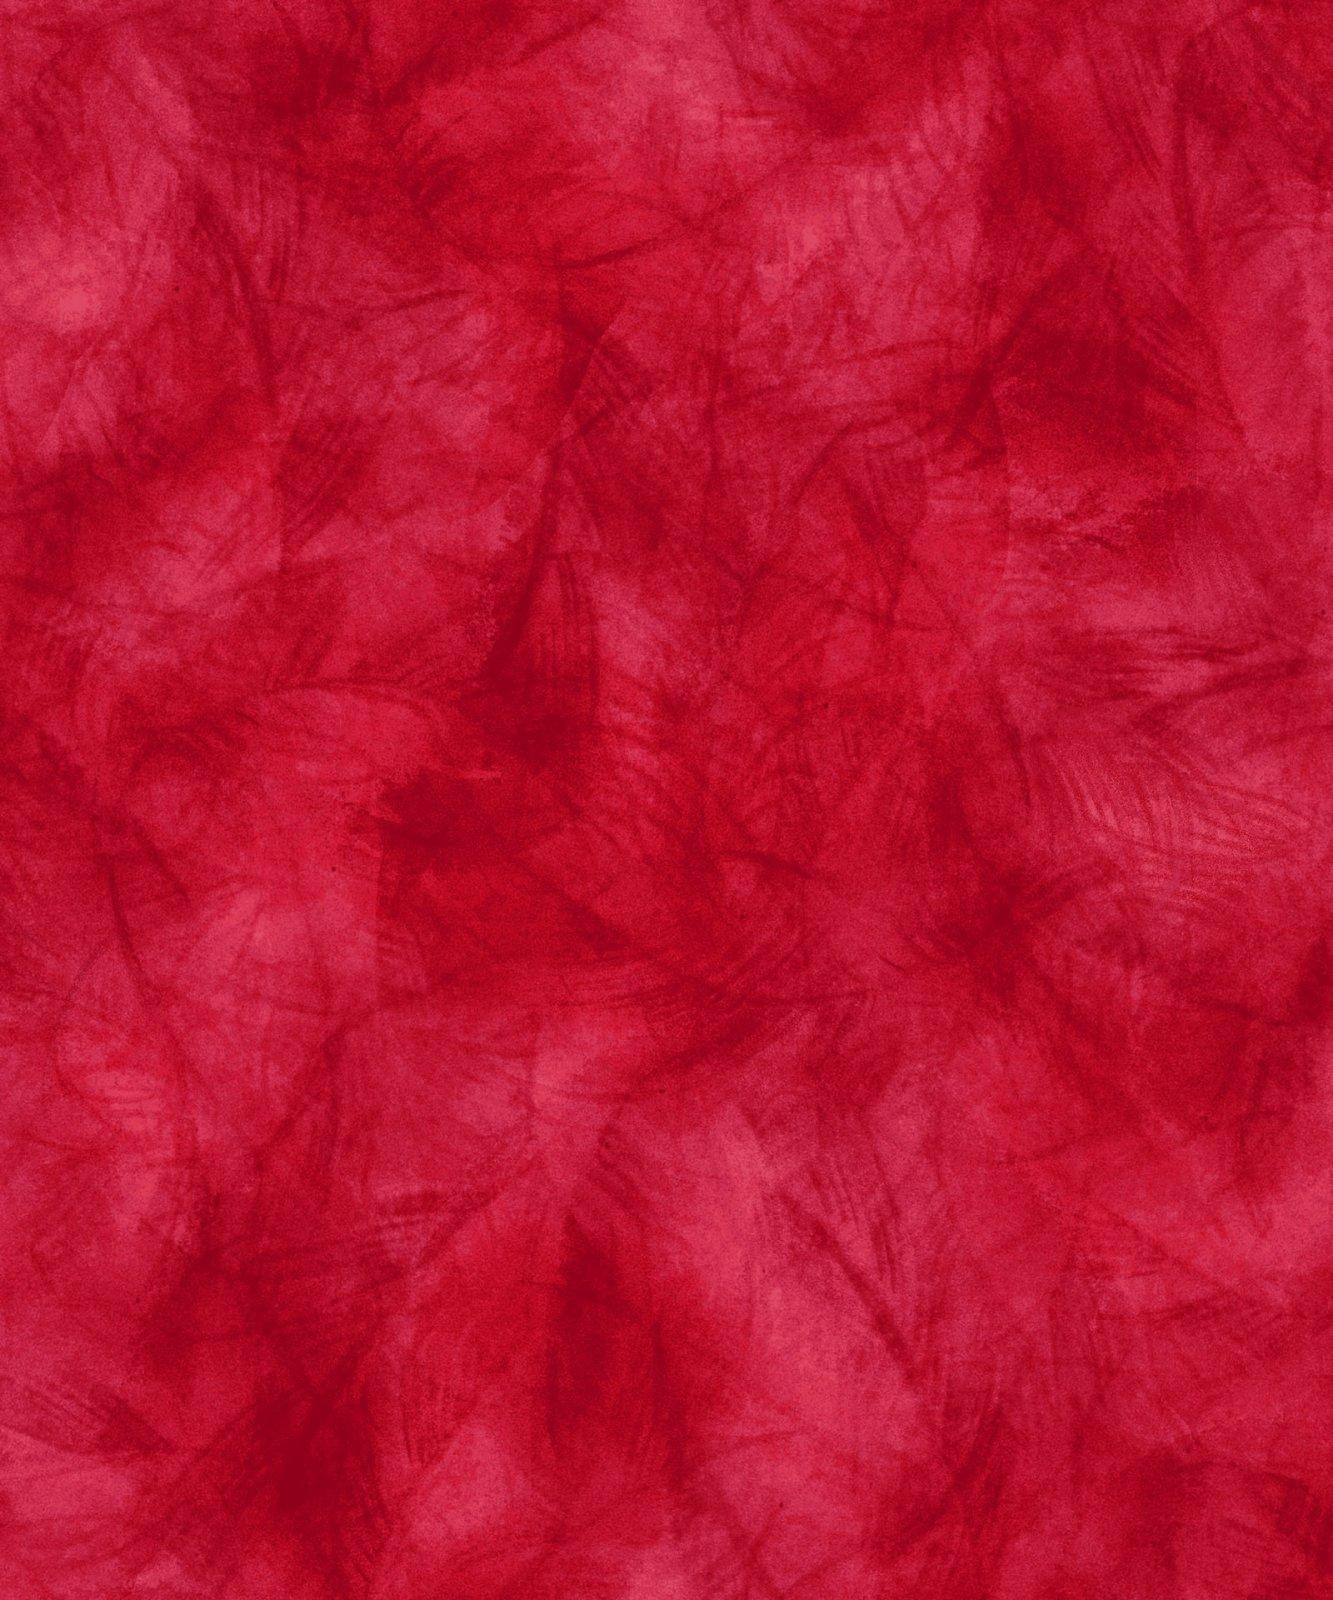 118 Etchings Widebacks Red